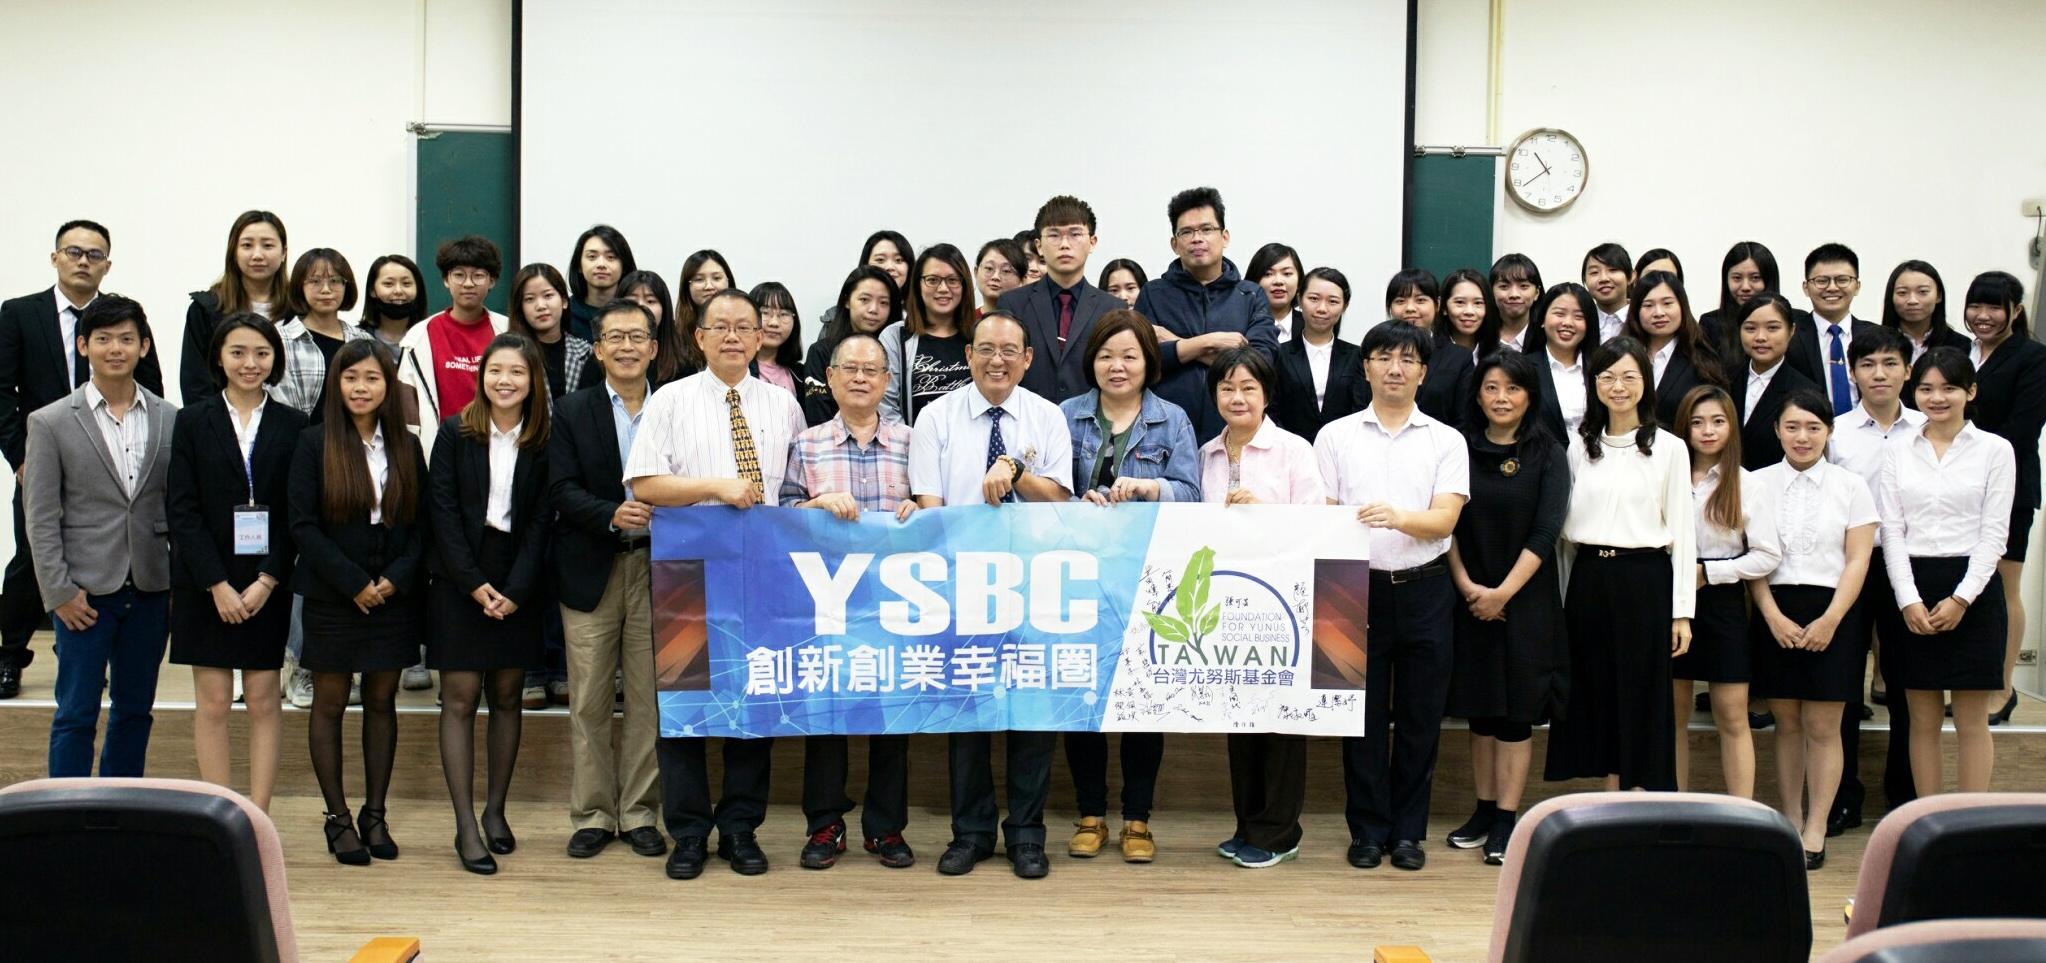 尤努斯社企中心第六屆YSBC Design Lab 提案競賽圓滿落幕